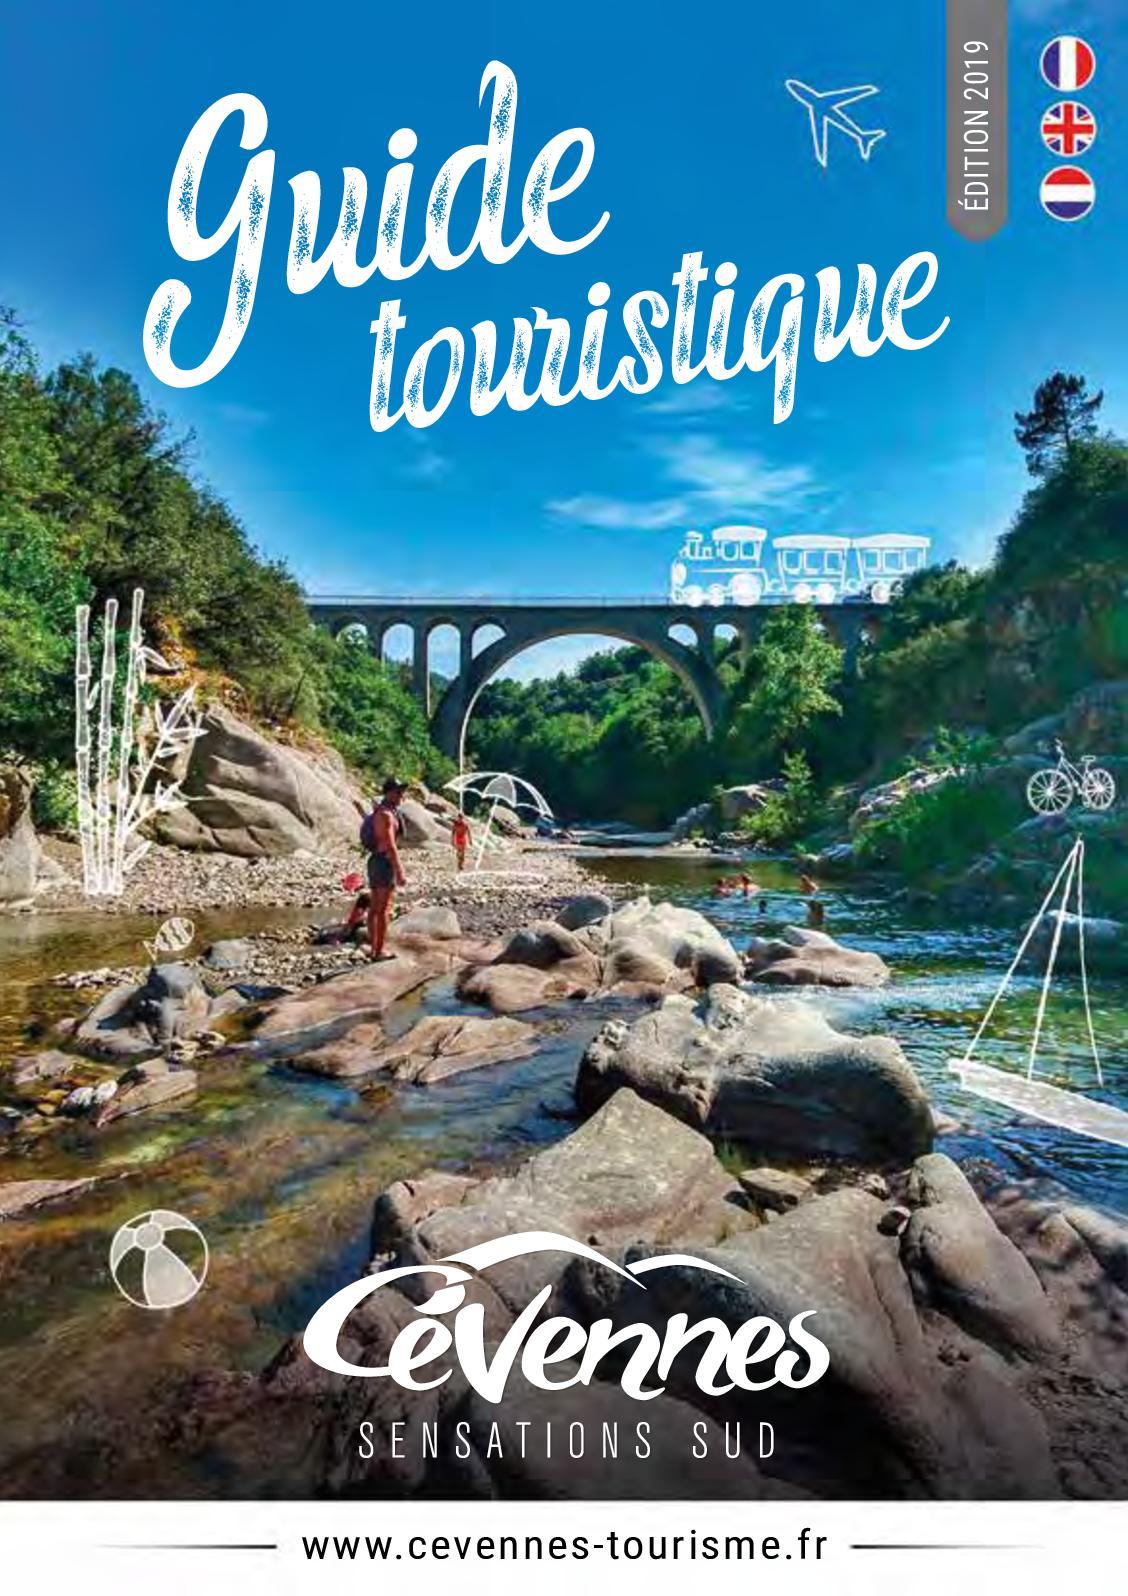 Meuble En Fer forgé Et Bois Élégant Calaméo Guide touristique Cévennes tourisme 2019 Of 40 Inspirant Meuble En Fer forgé Et Bois